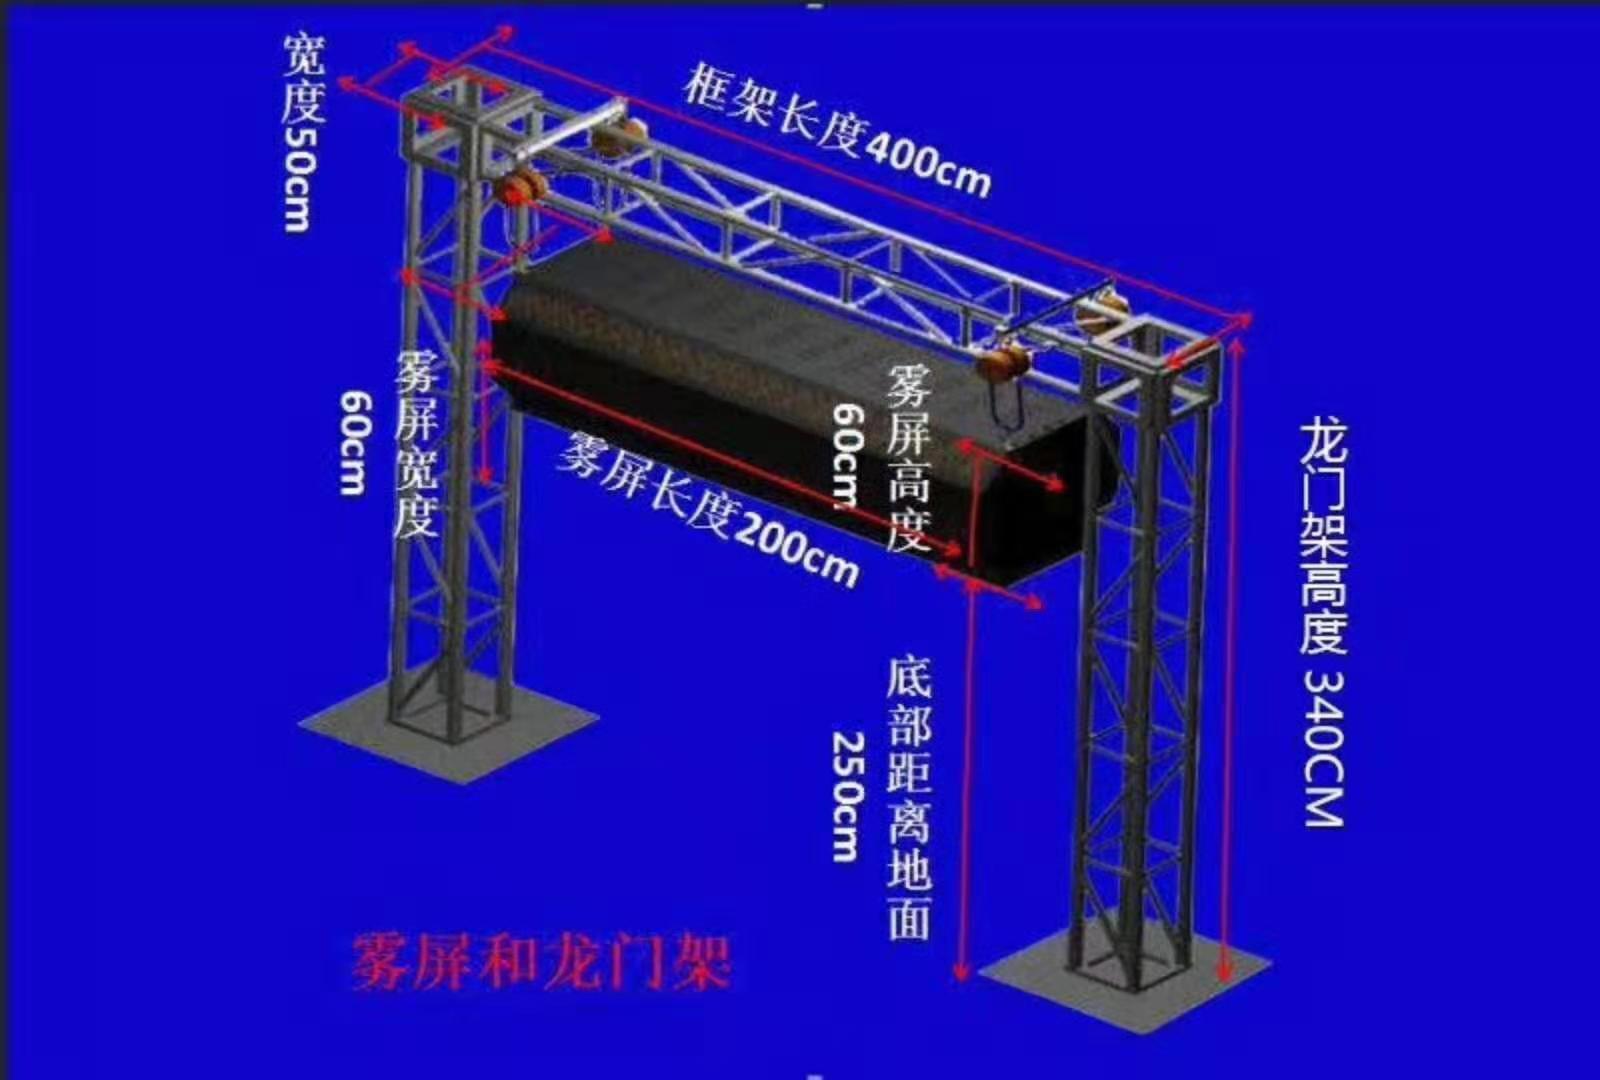 雾幕机/水雾机的投影机整体结构效果图